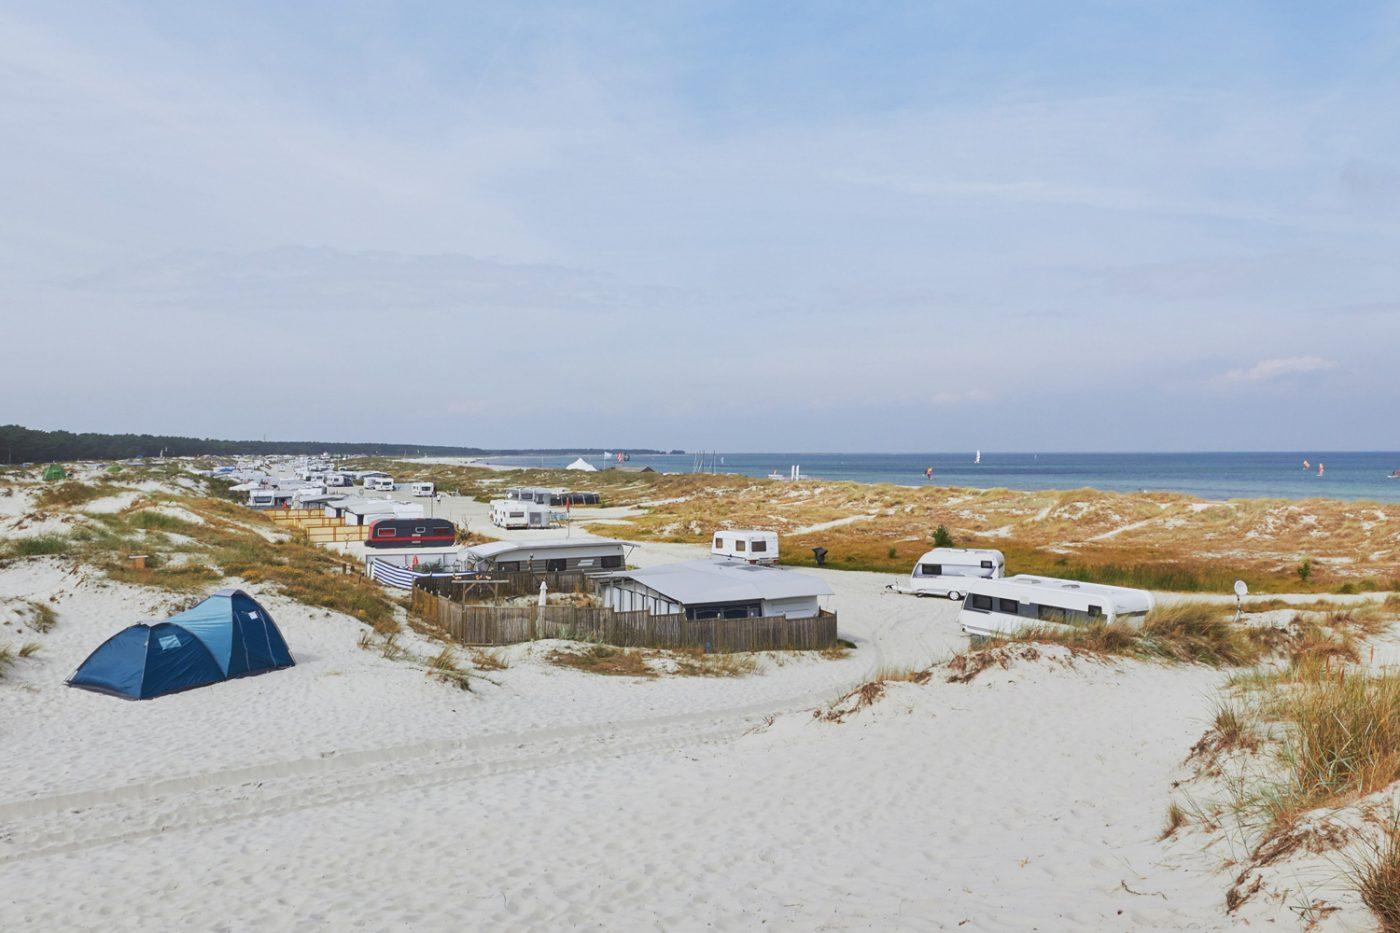 Mehrere Wohnmobile am Strand in den Dünen an der Ostsee.